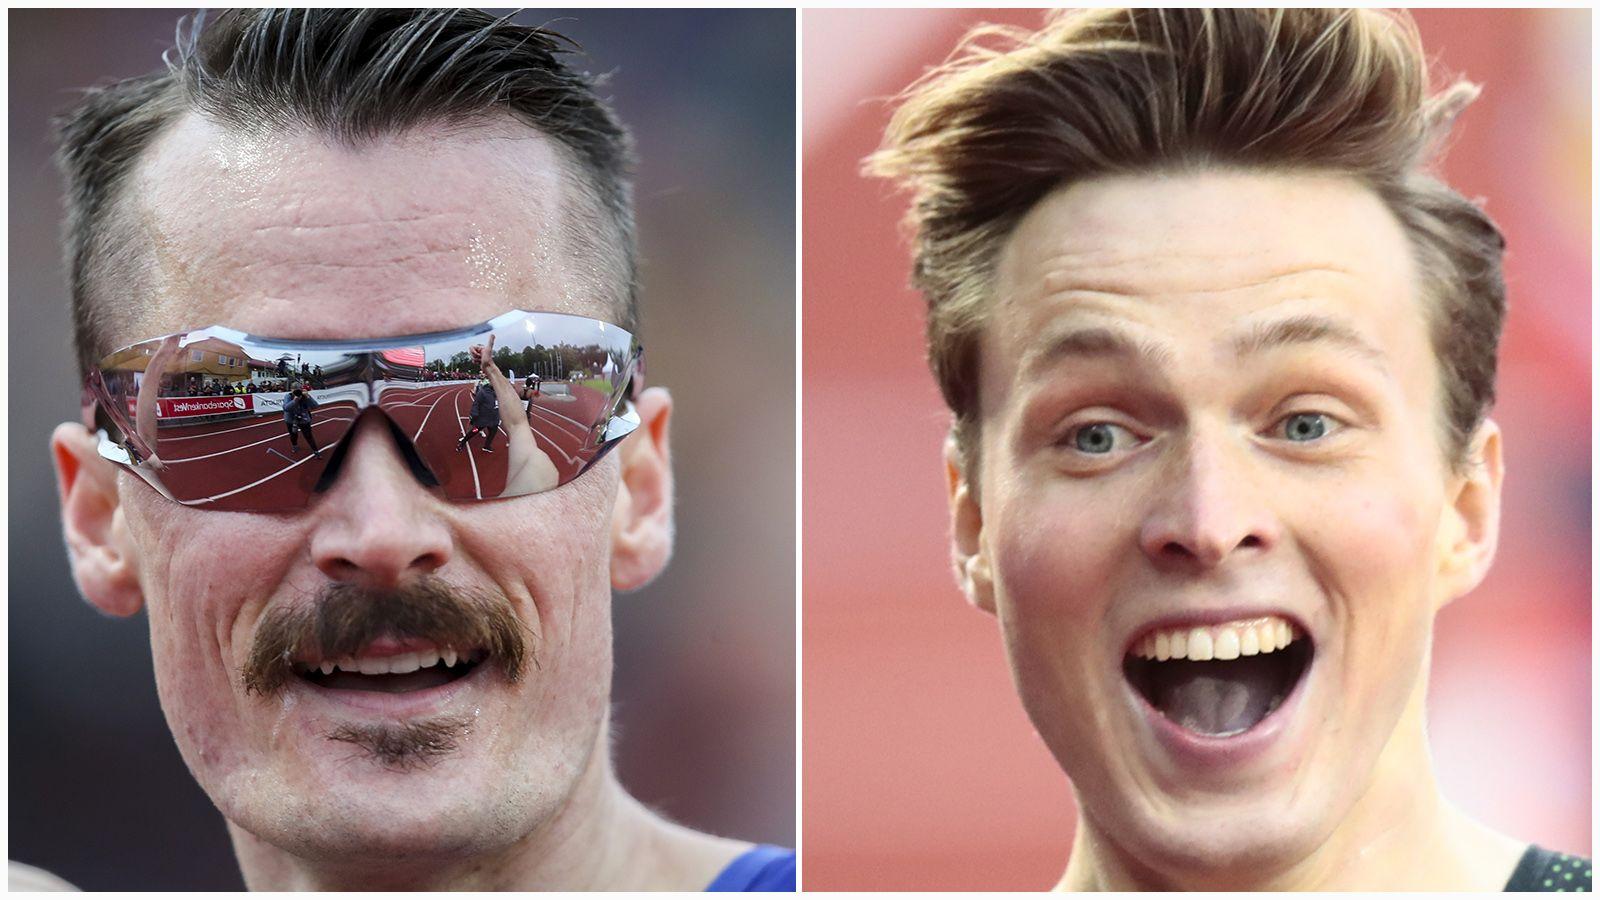 Henrik Ingebrigtsen og Karsten Warholm ga hverandre ros etter råsterke prestasjoner i Bislett Games.